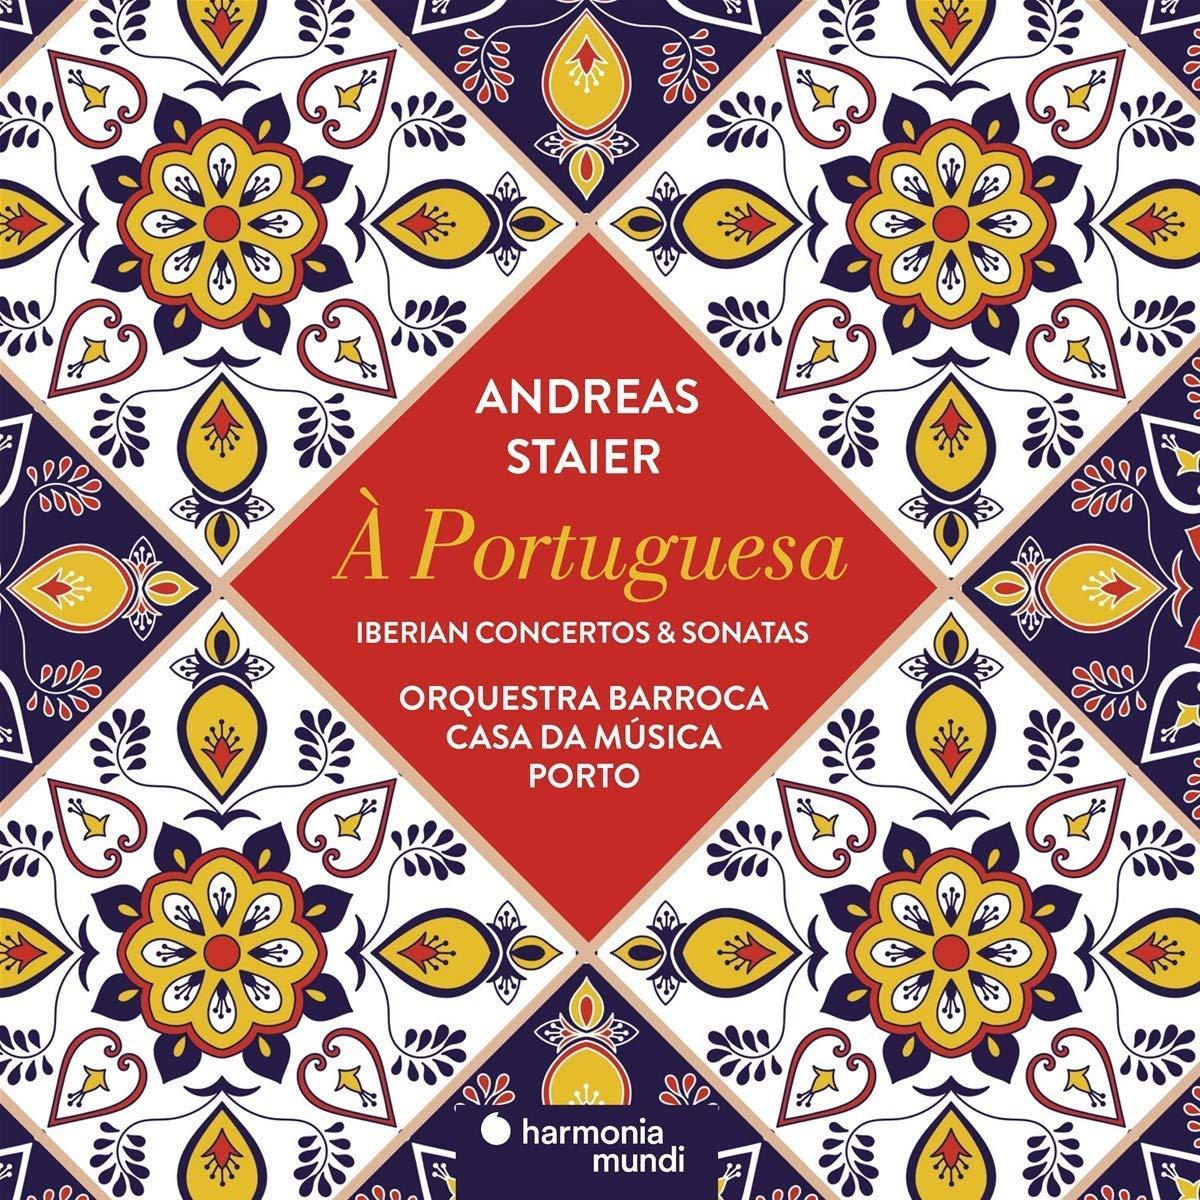 AS - À Portuguesa CD cover.jpg